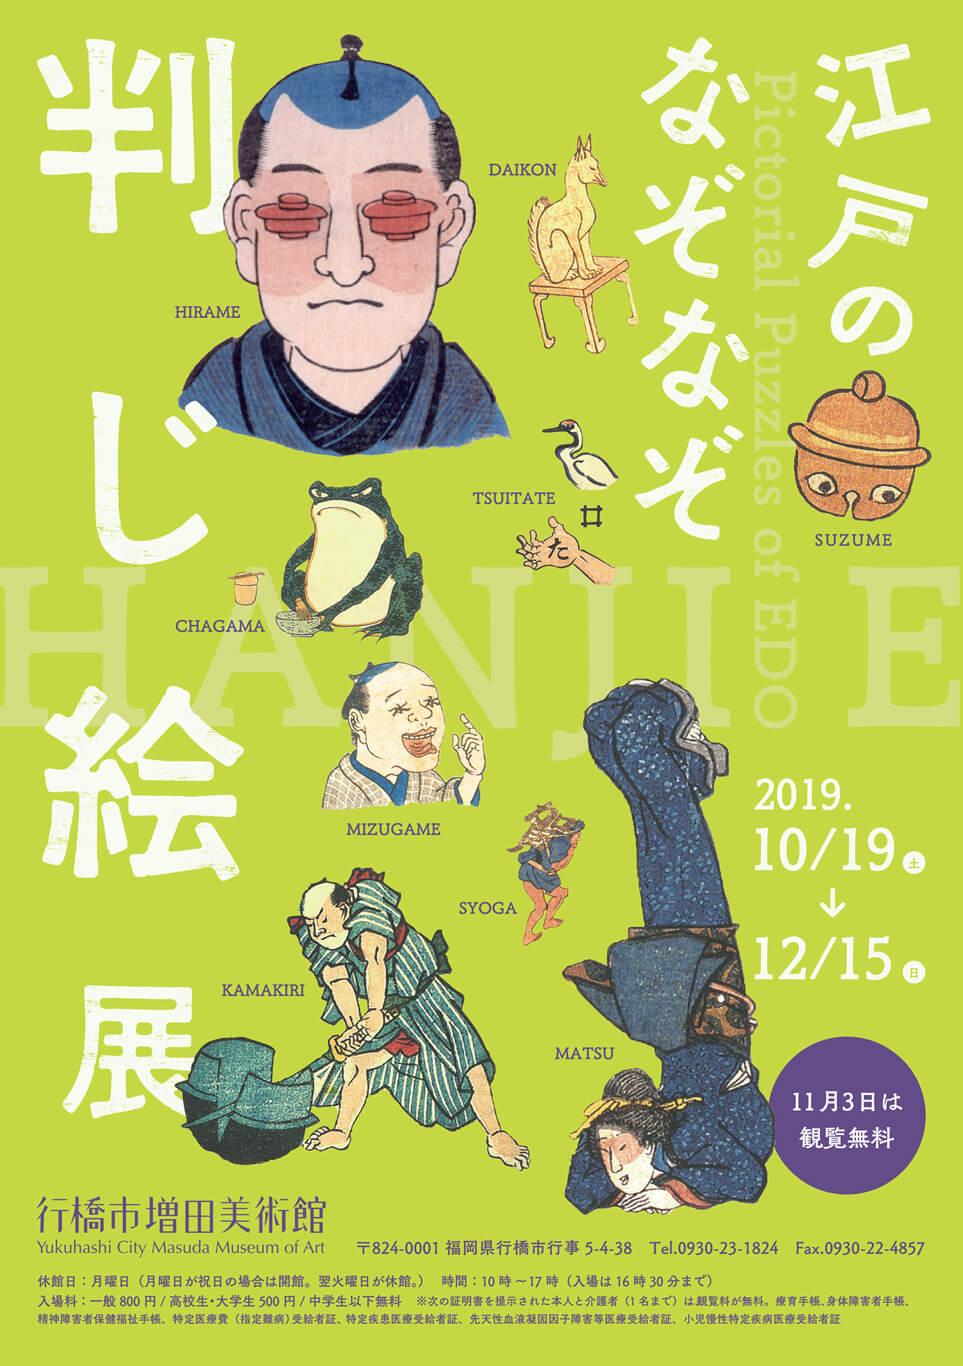 masuda-201910-江戸のなぞなぞ判じ絵展